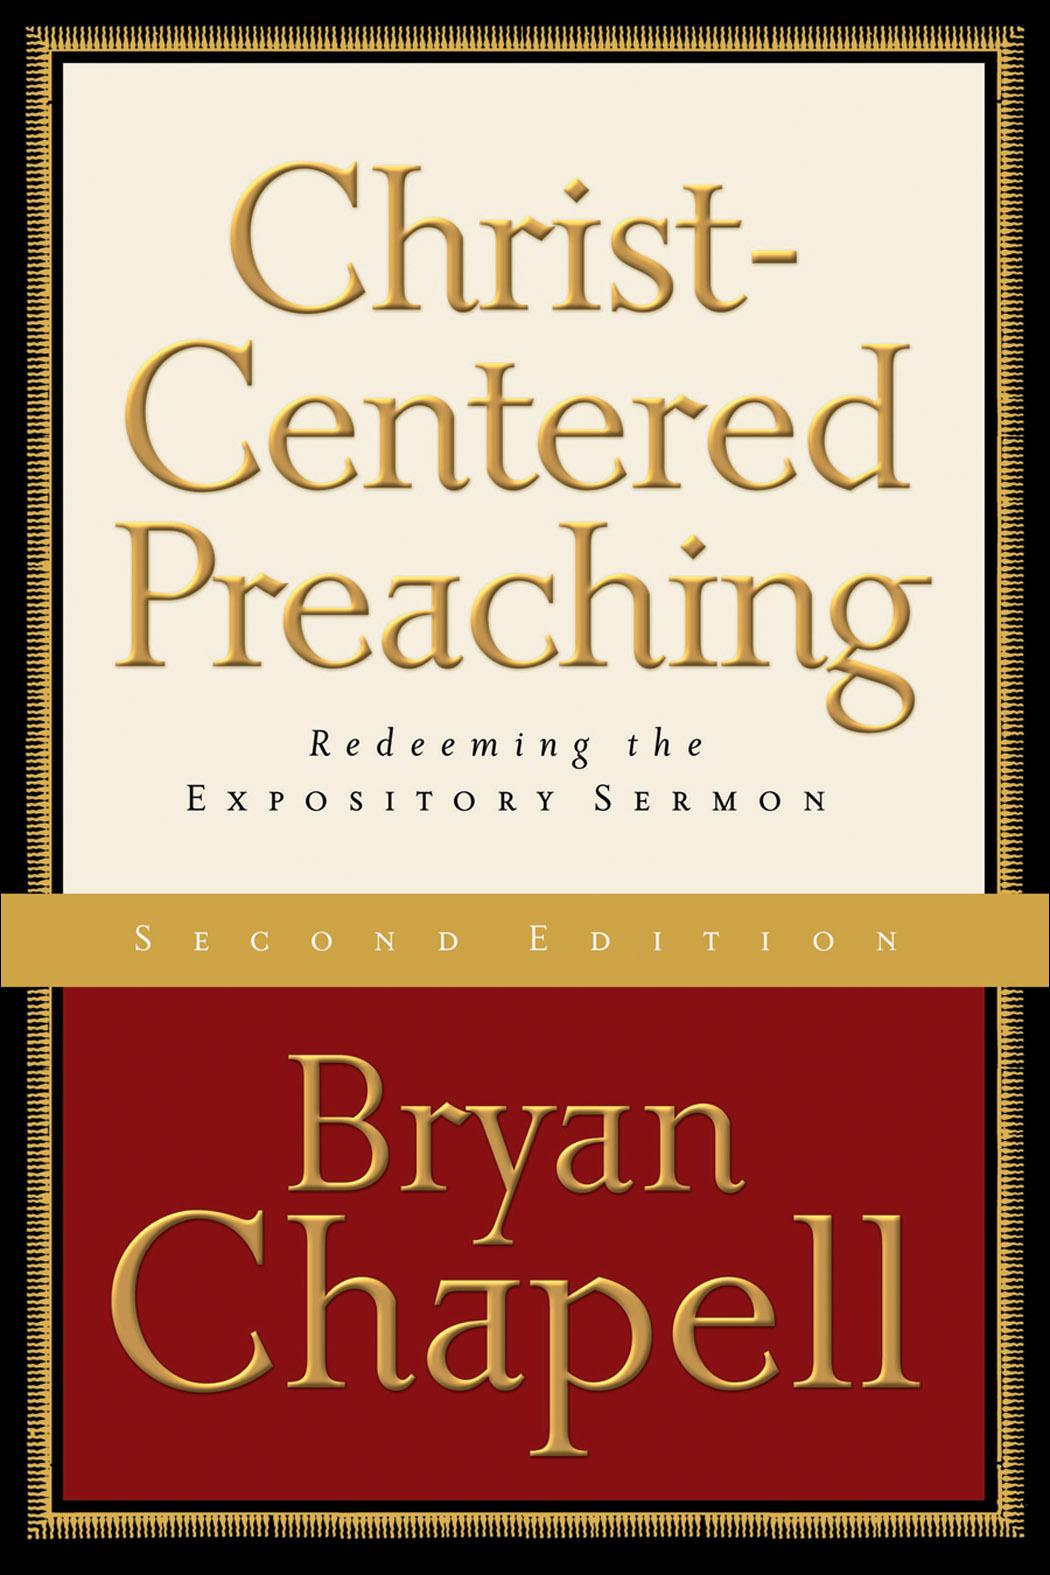 Christ-centered-preaching1.jpg